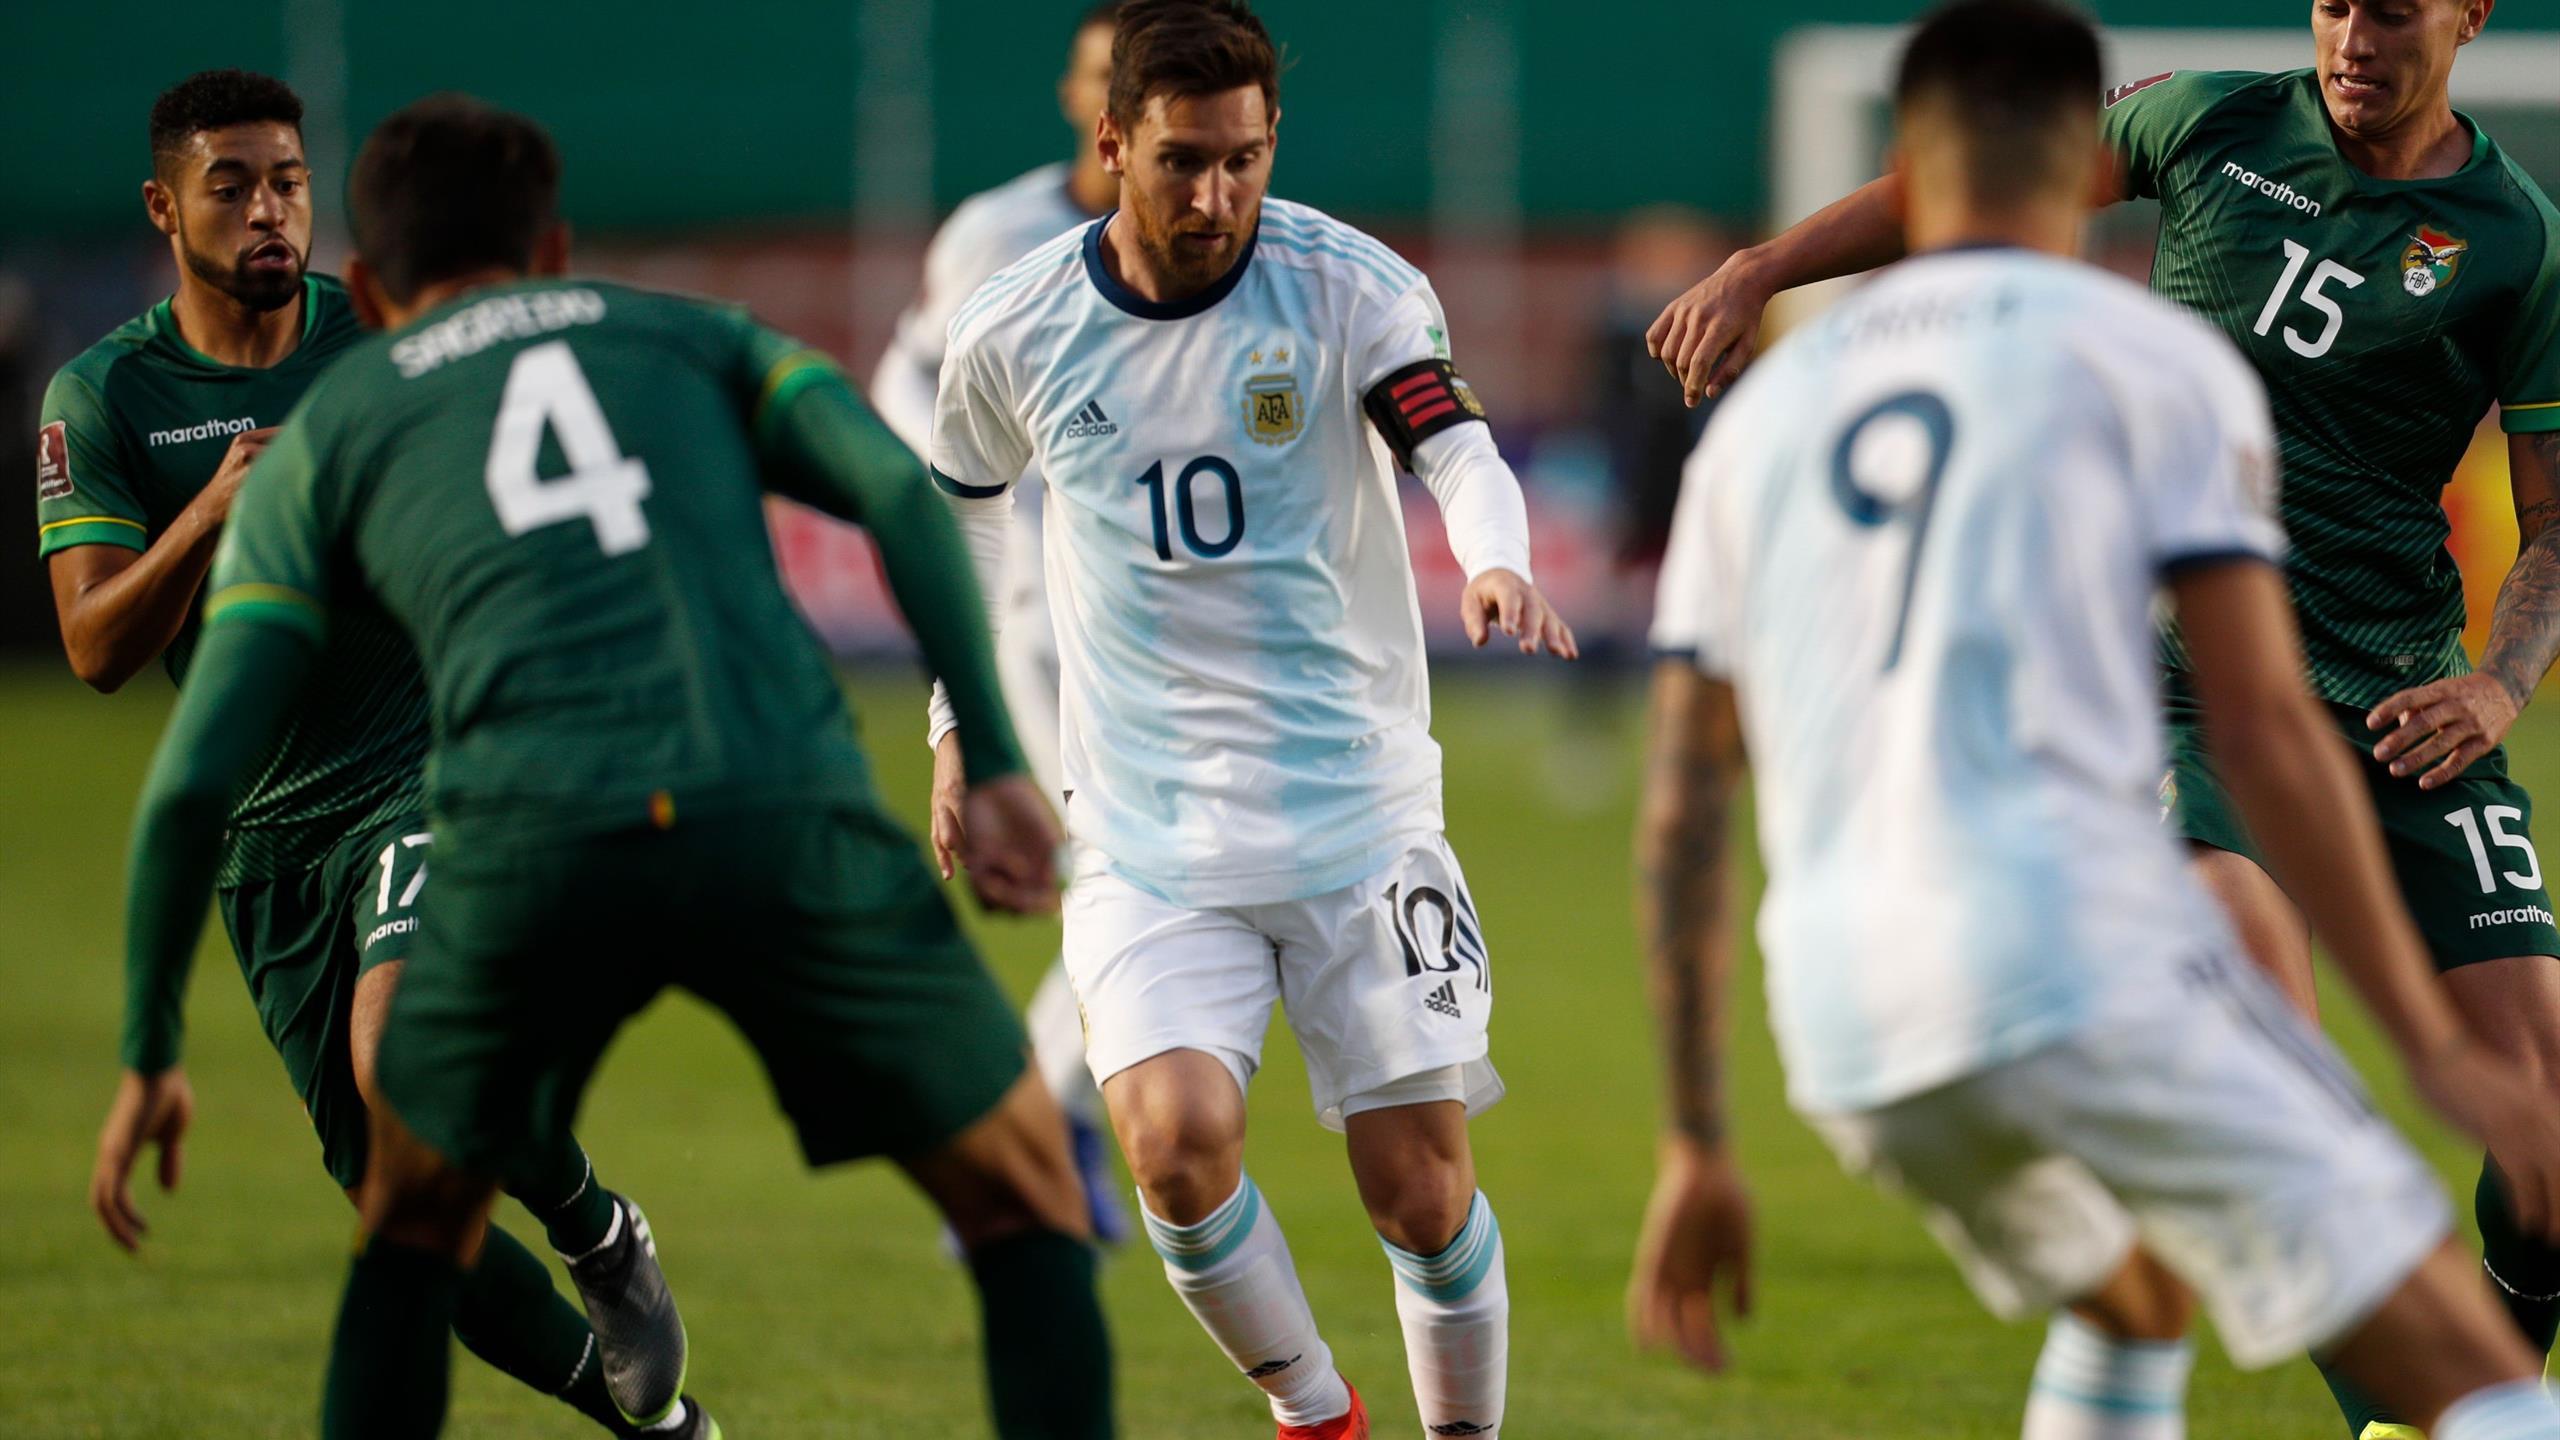 La grosse dispute entre Messi et les joueurs boliviens (vidéo) — Argentine